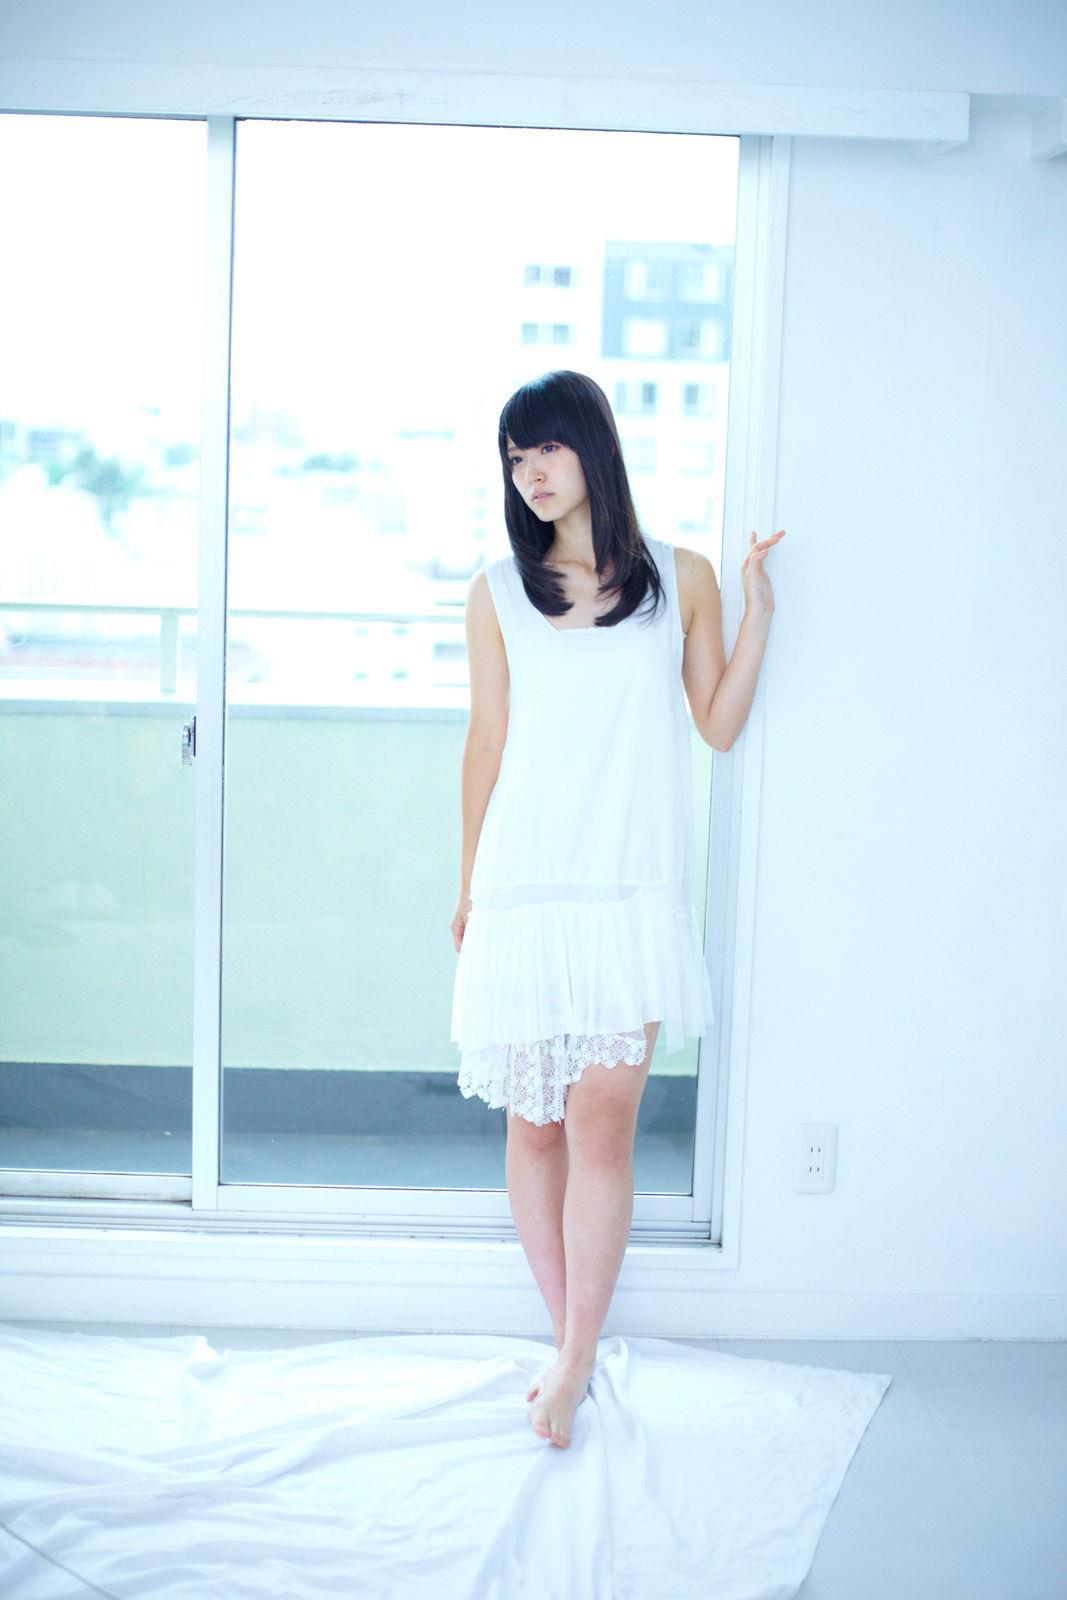 鈴木愛理(℃-ute) セクシー画像 28